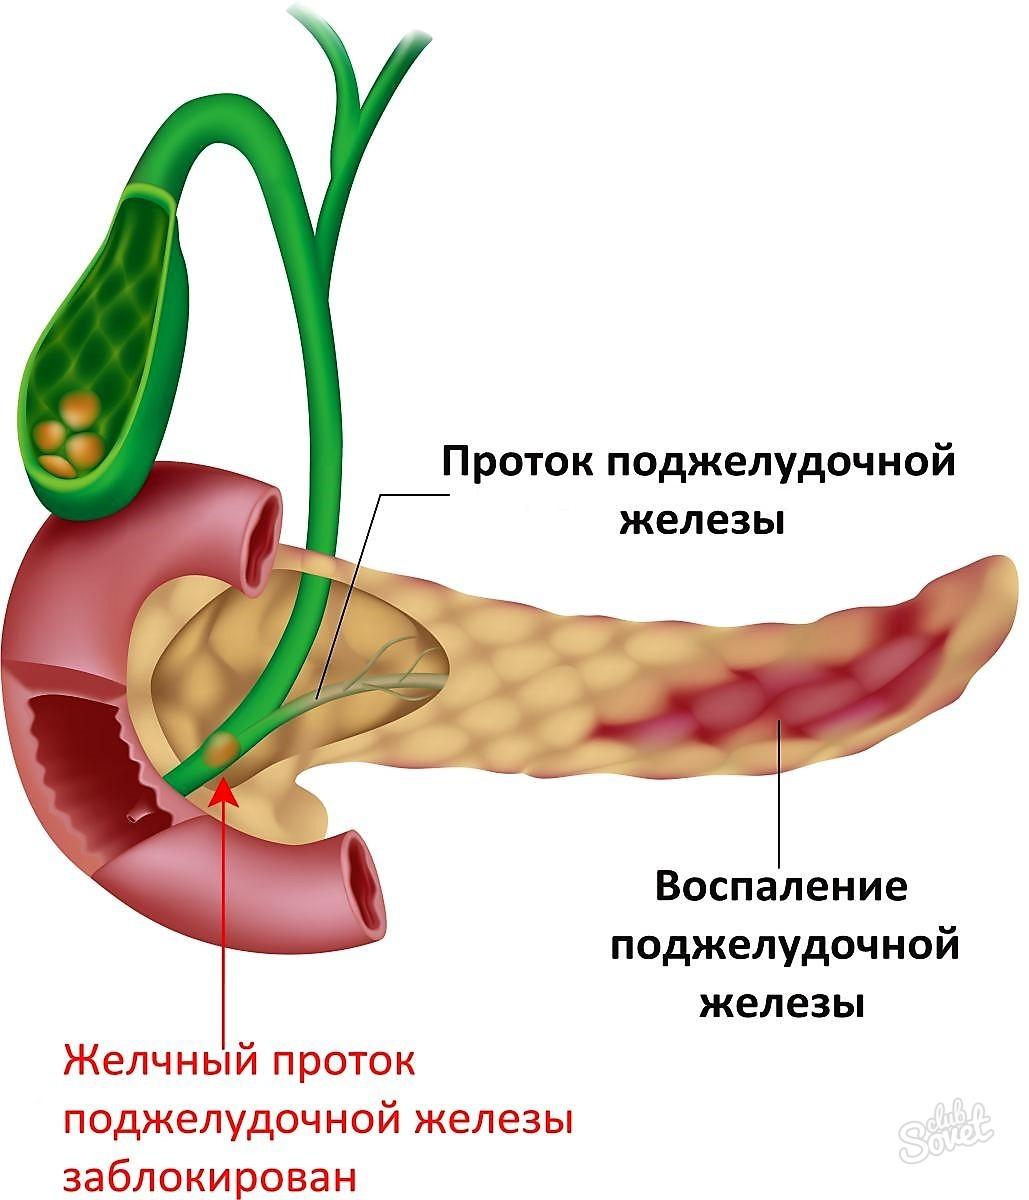 Поджелудочная железа: симптомы заболевания, лечение медикаментами